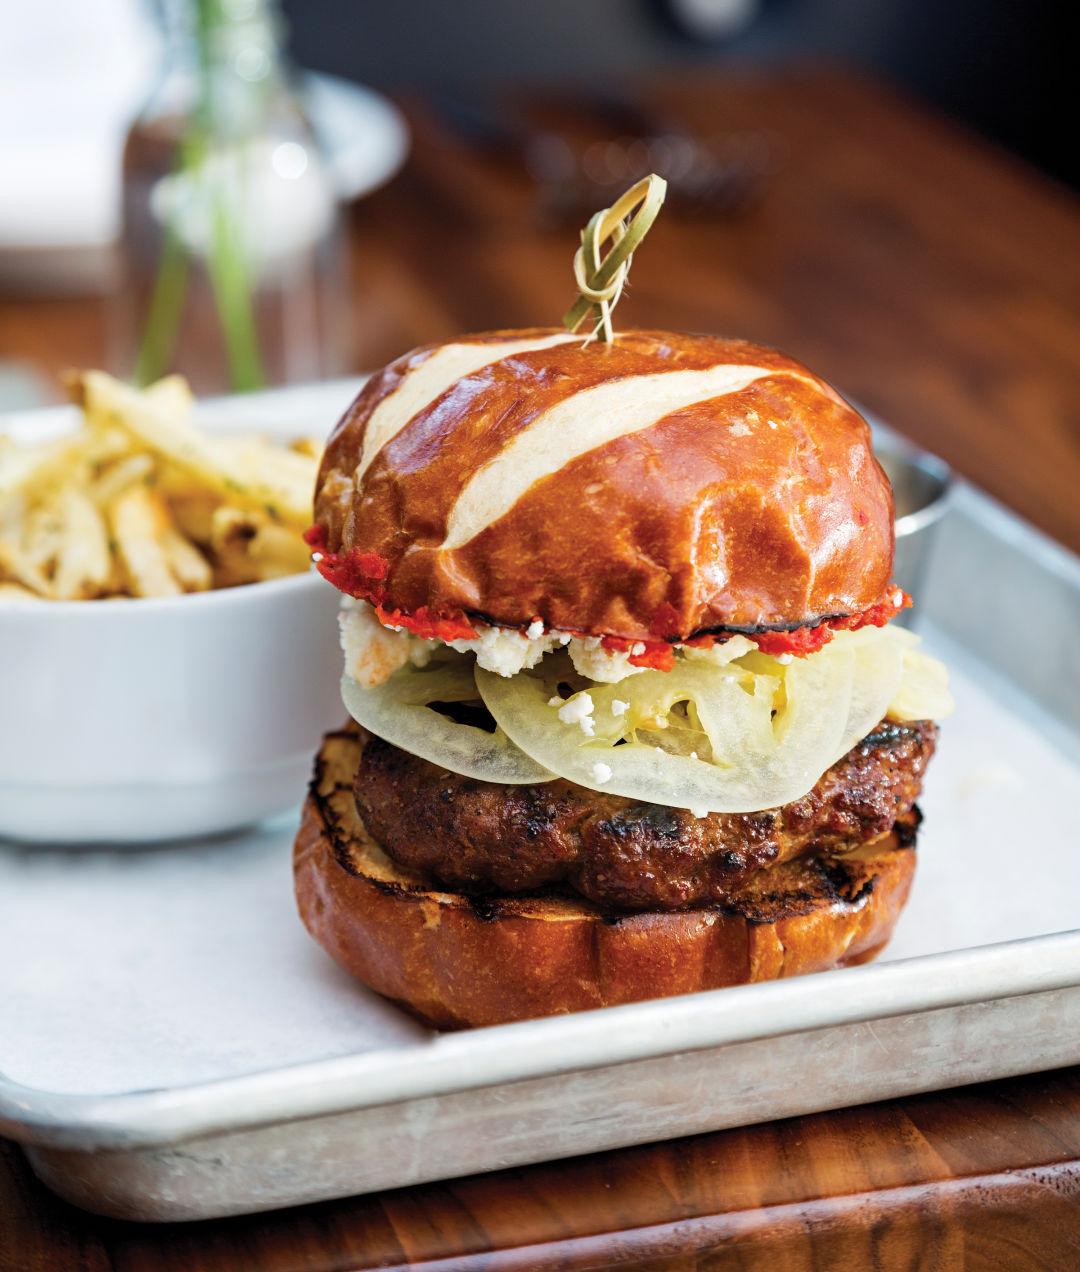 0417 on the table gulf coast cuisine lamb burger jbxbcr